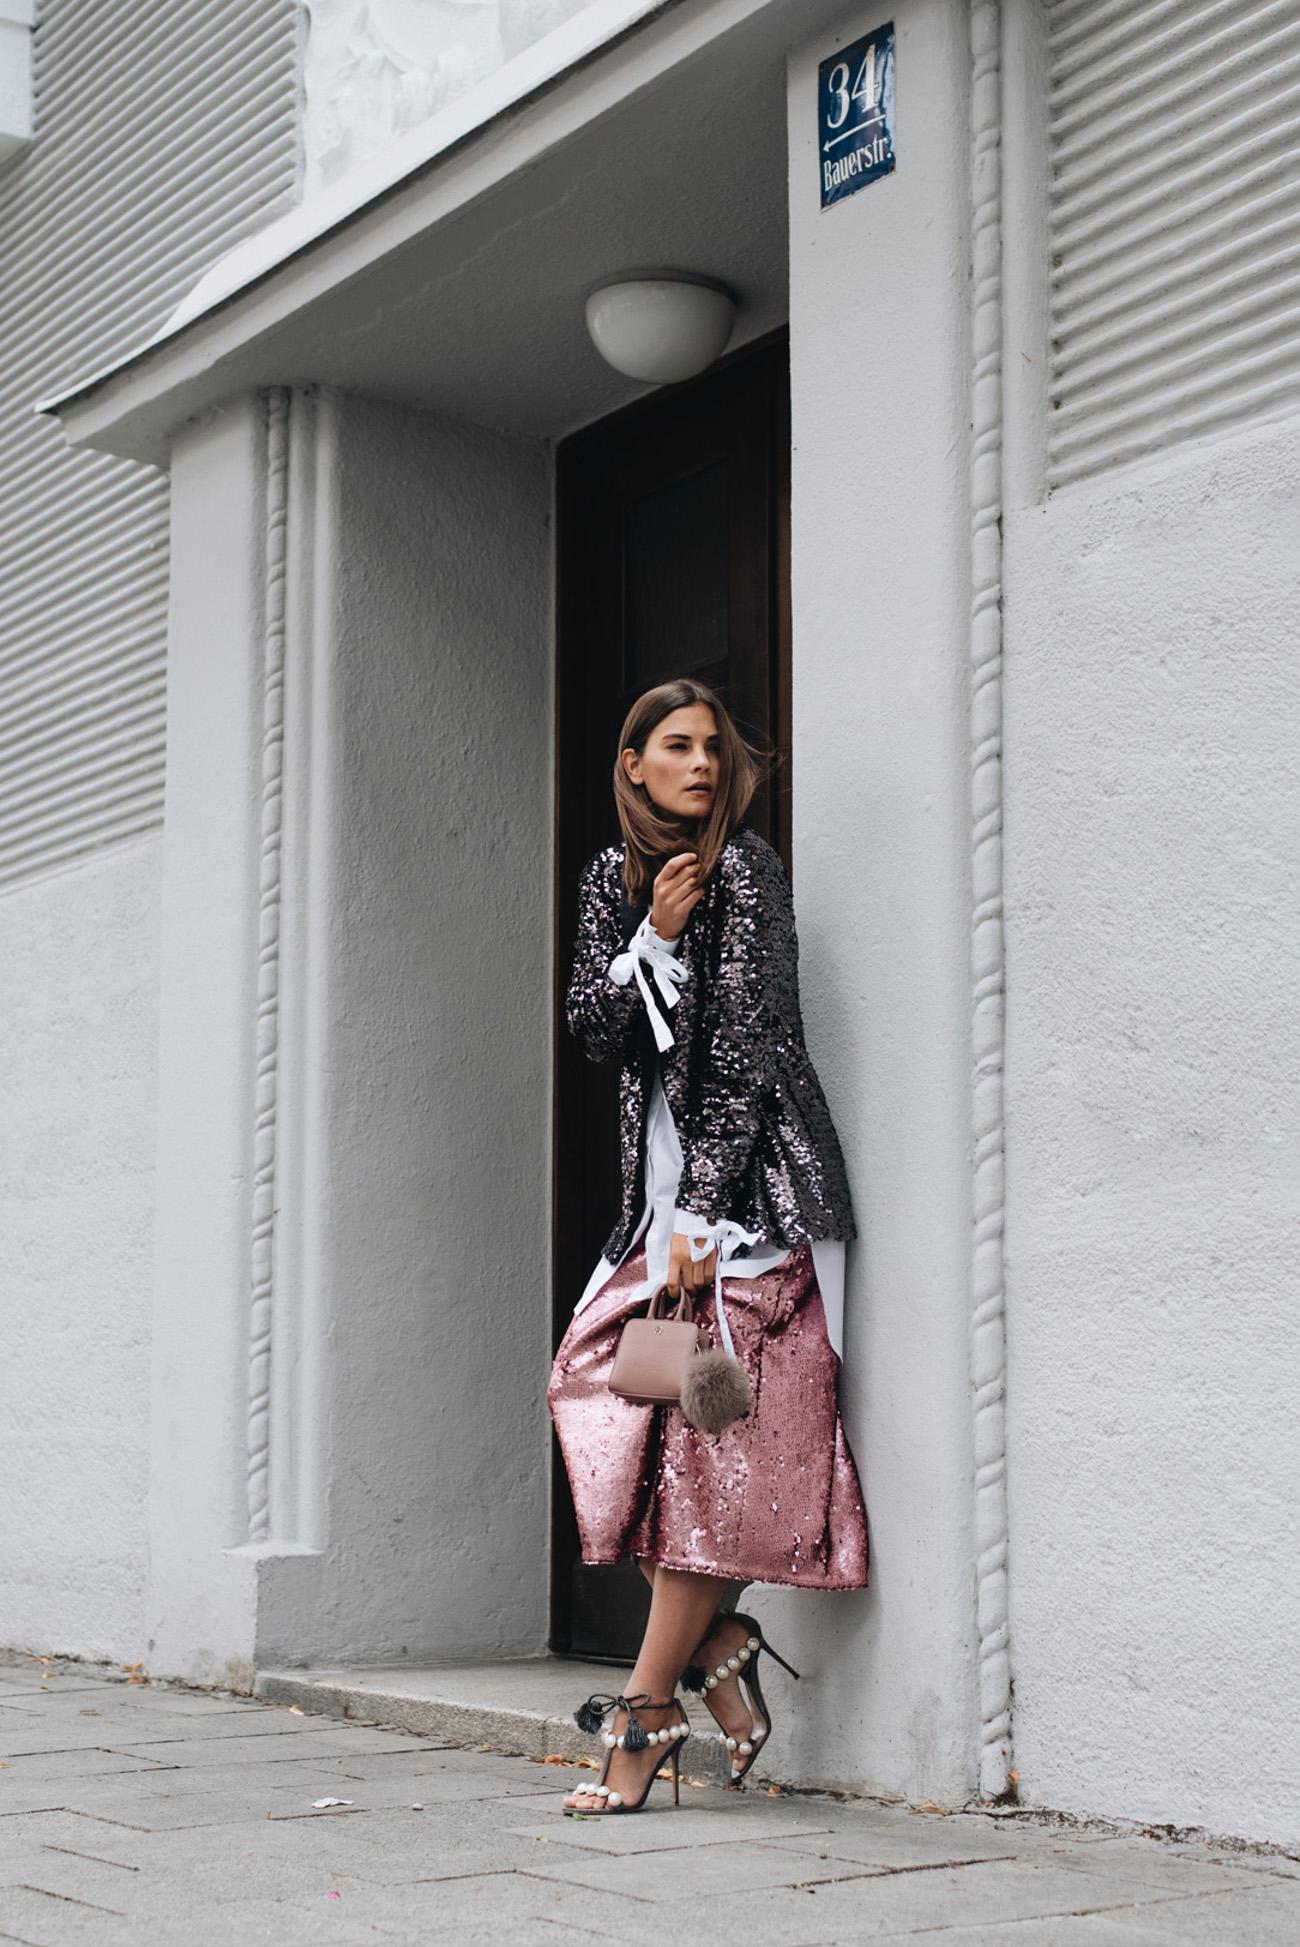 pailletten-outfit-mit-blazer-und-rock-fashiioncarpet-nina-schwichtenberg